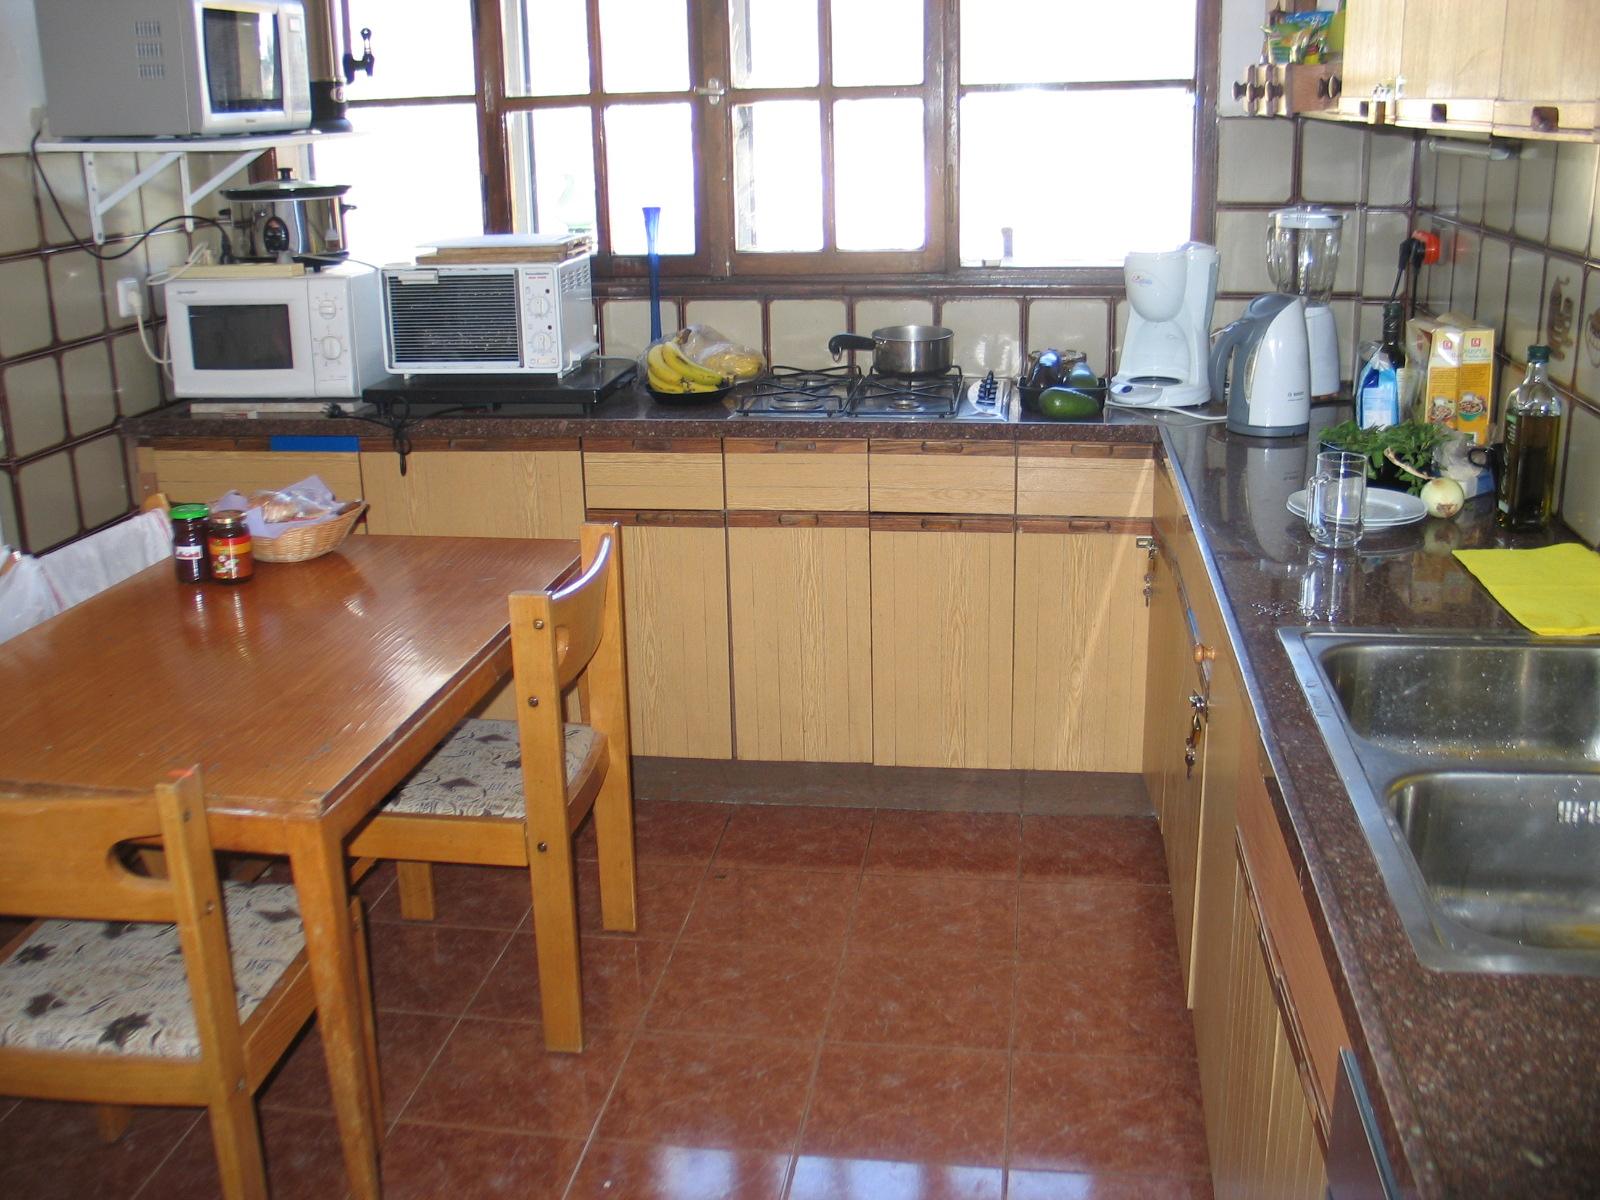 sehenswürdigkeiten in jerusalem (altstadt) bilderserie fotos dsl - Koschere Küche